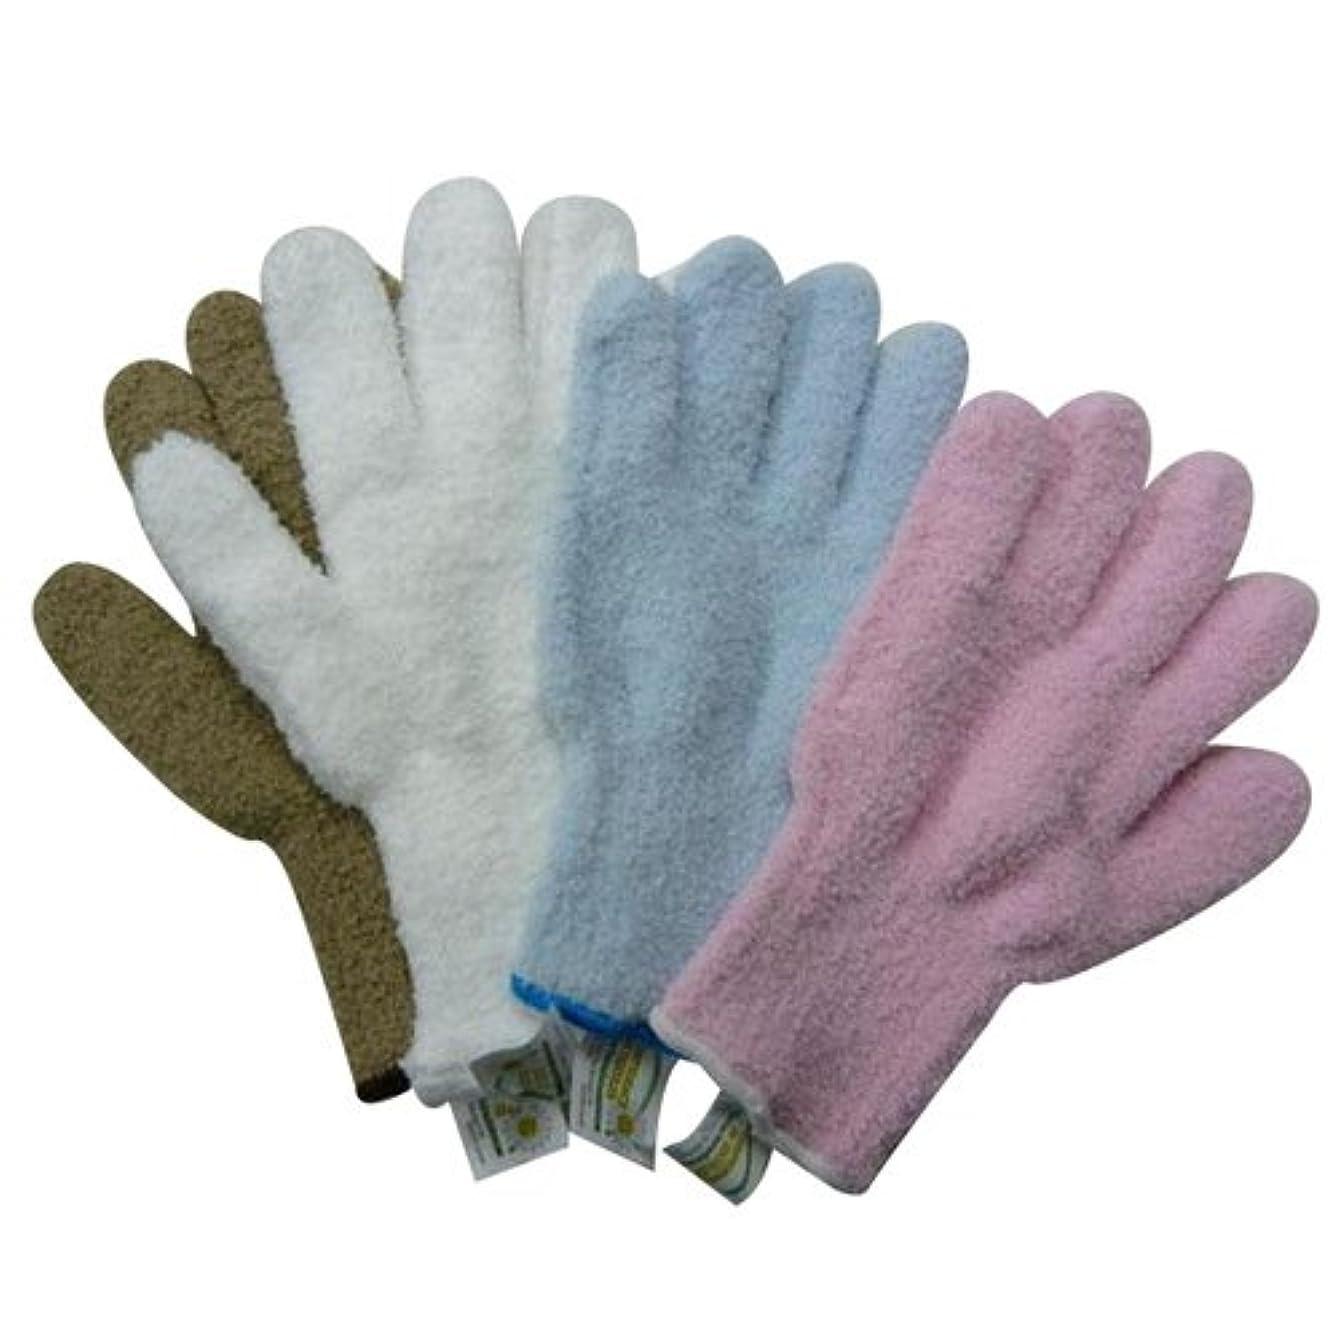 兄セットアップ出来事ウルトラ?マイクロファイバー手袋 エコテックスタグ付き×4色セット(KE702-WH?SB?BE?PK) 5007an